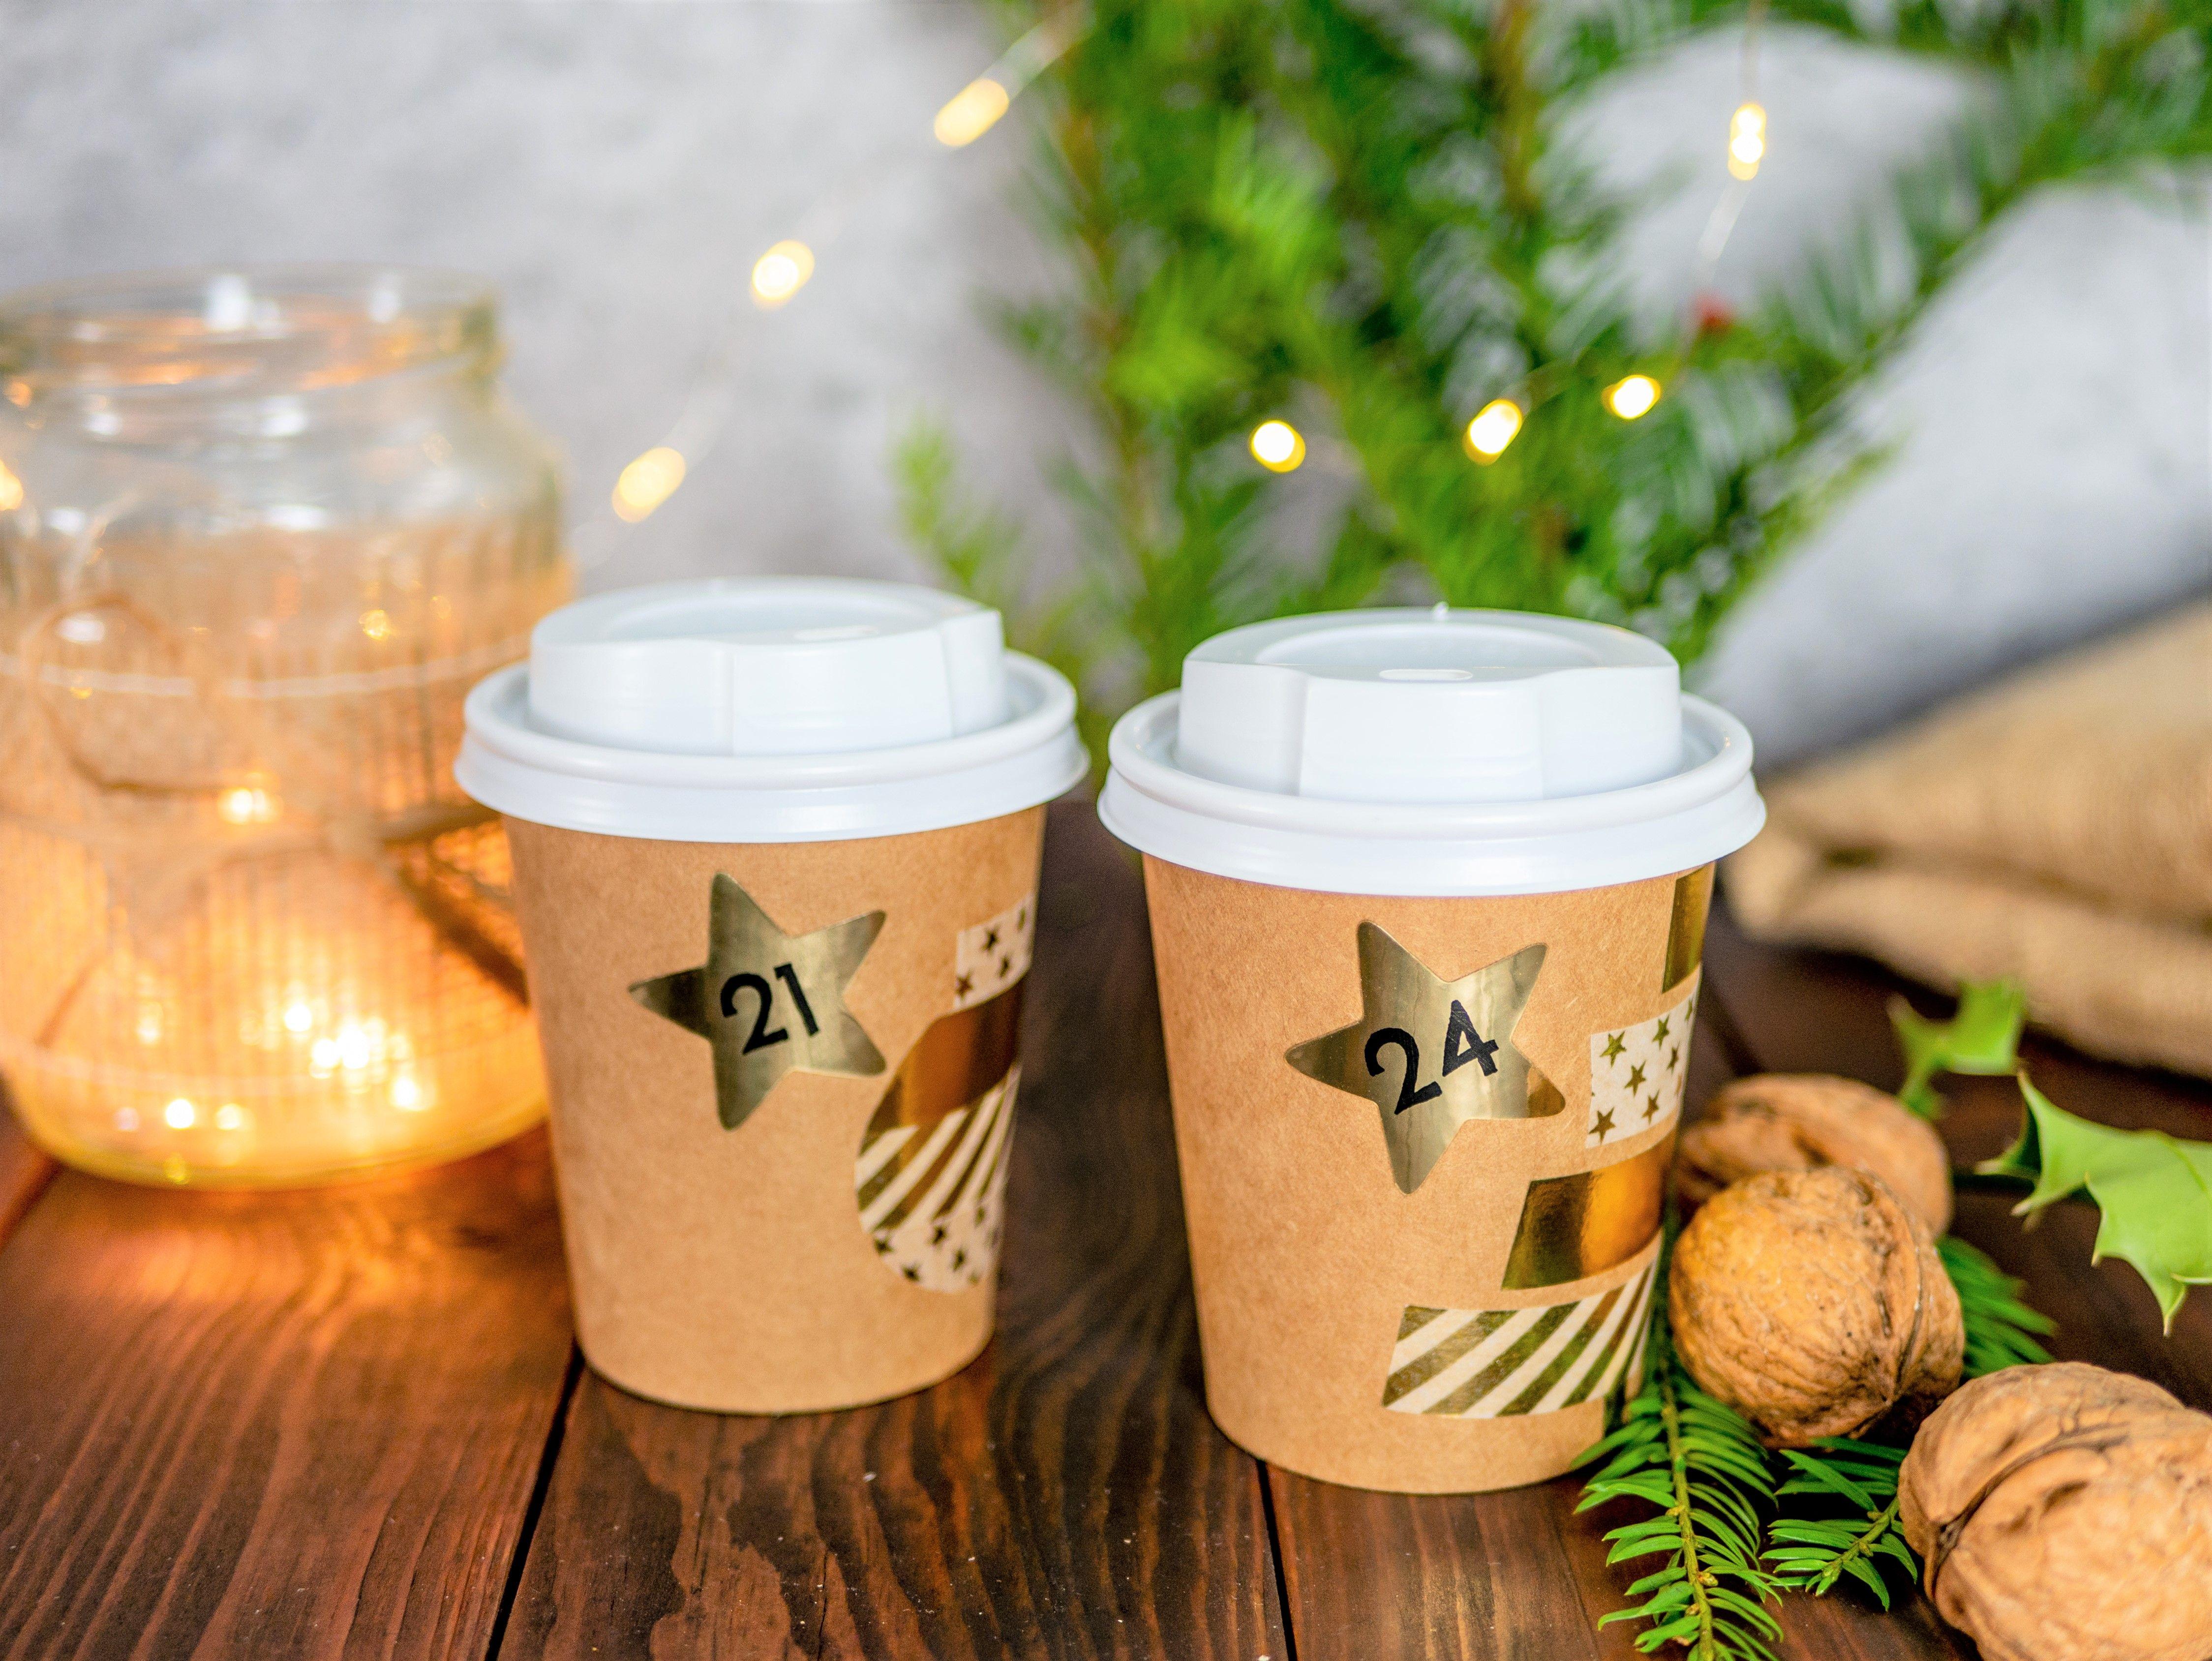 Adventskalender Selber Machen Kaffeebecher Ppd Kaffeebecher Spring